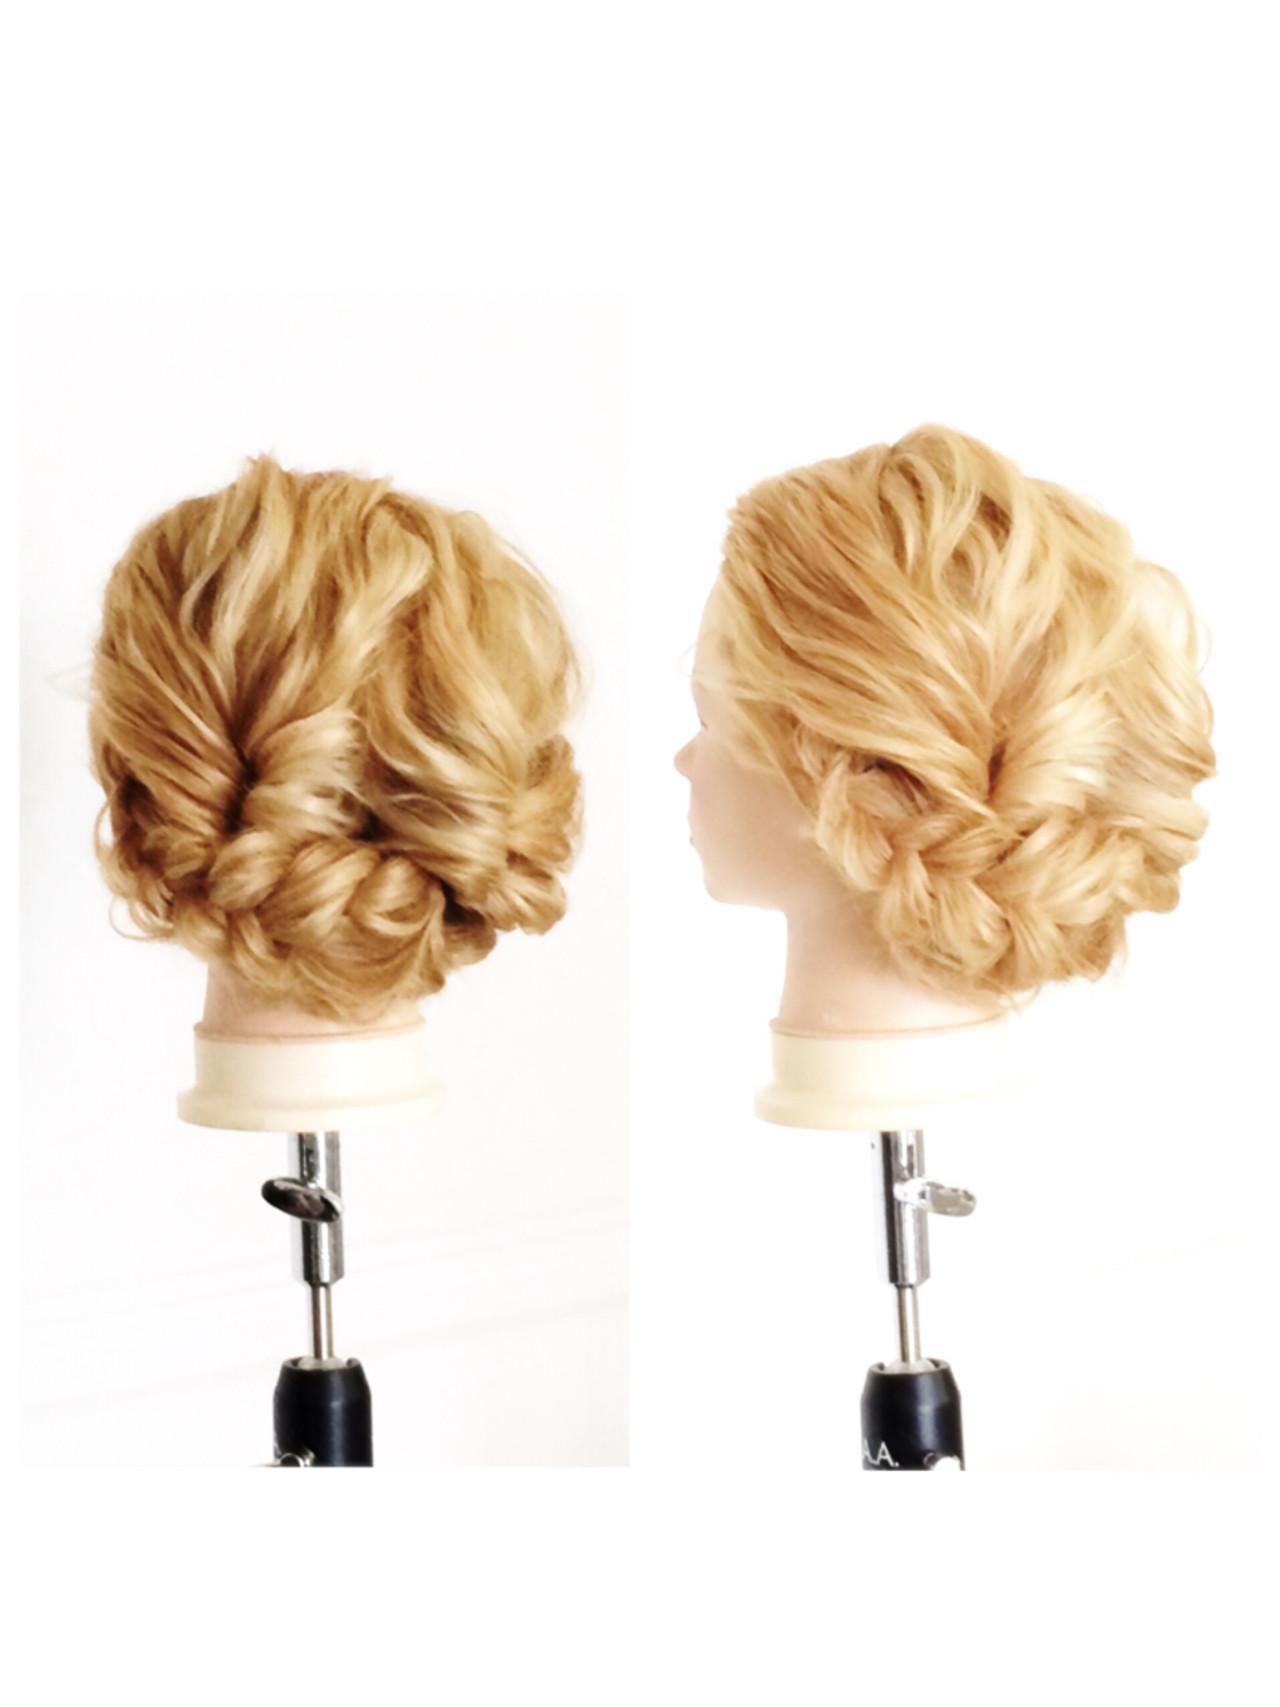 グラデーションカラー くせ毛風 外国人風 セミロング ヘアスタイルや髪型の写真・画像